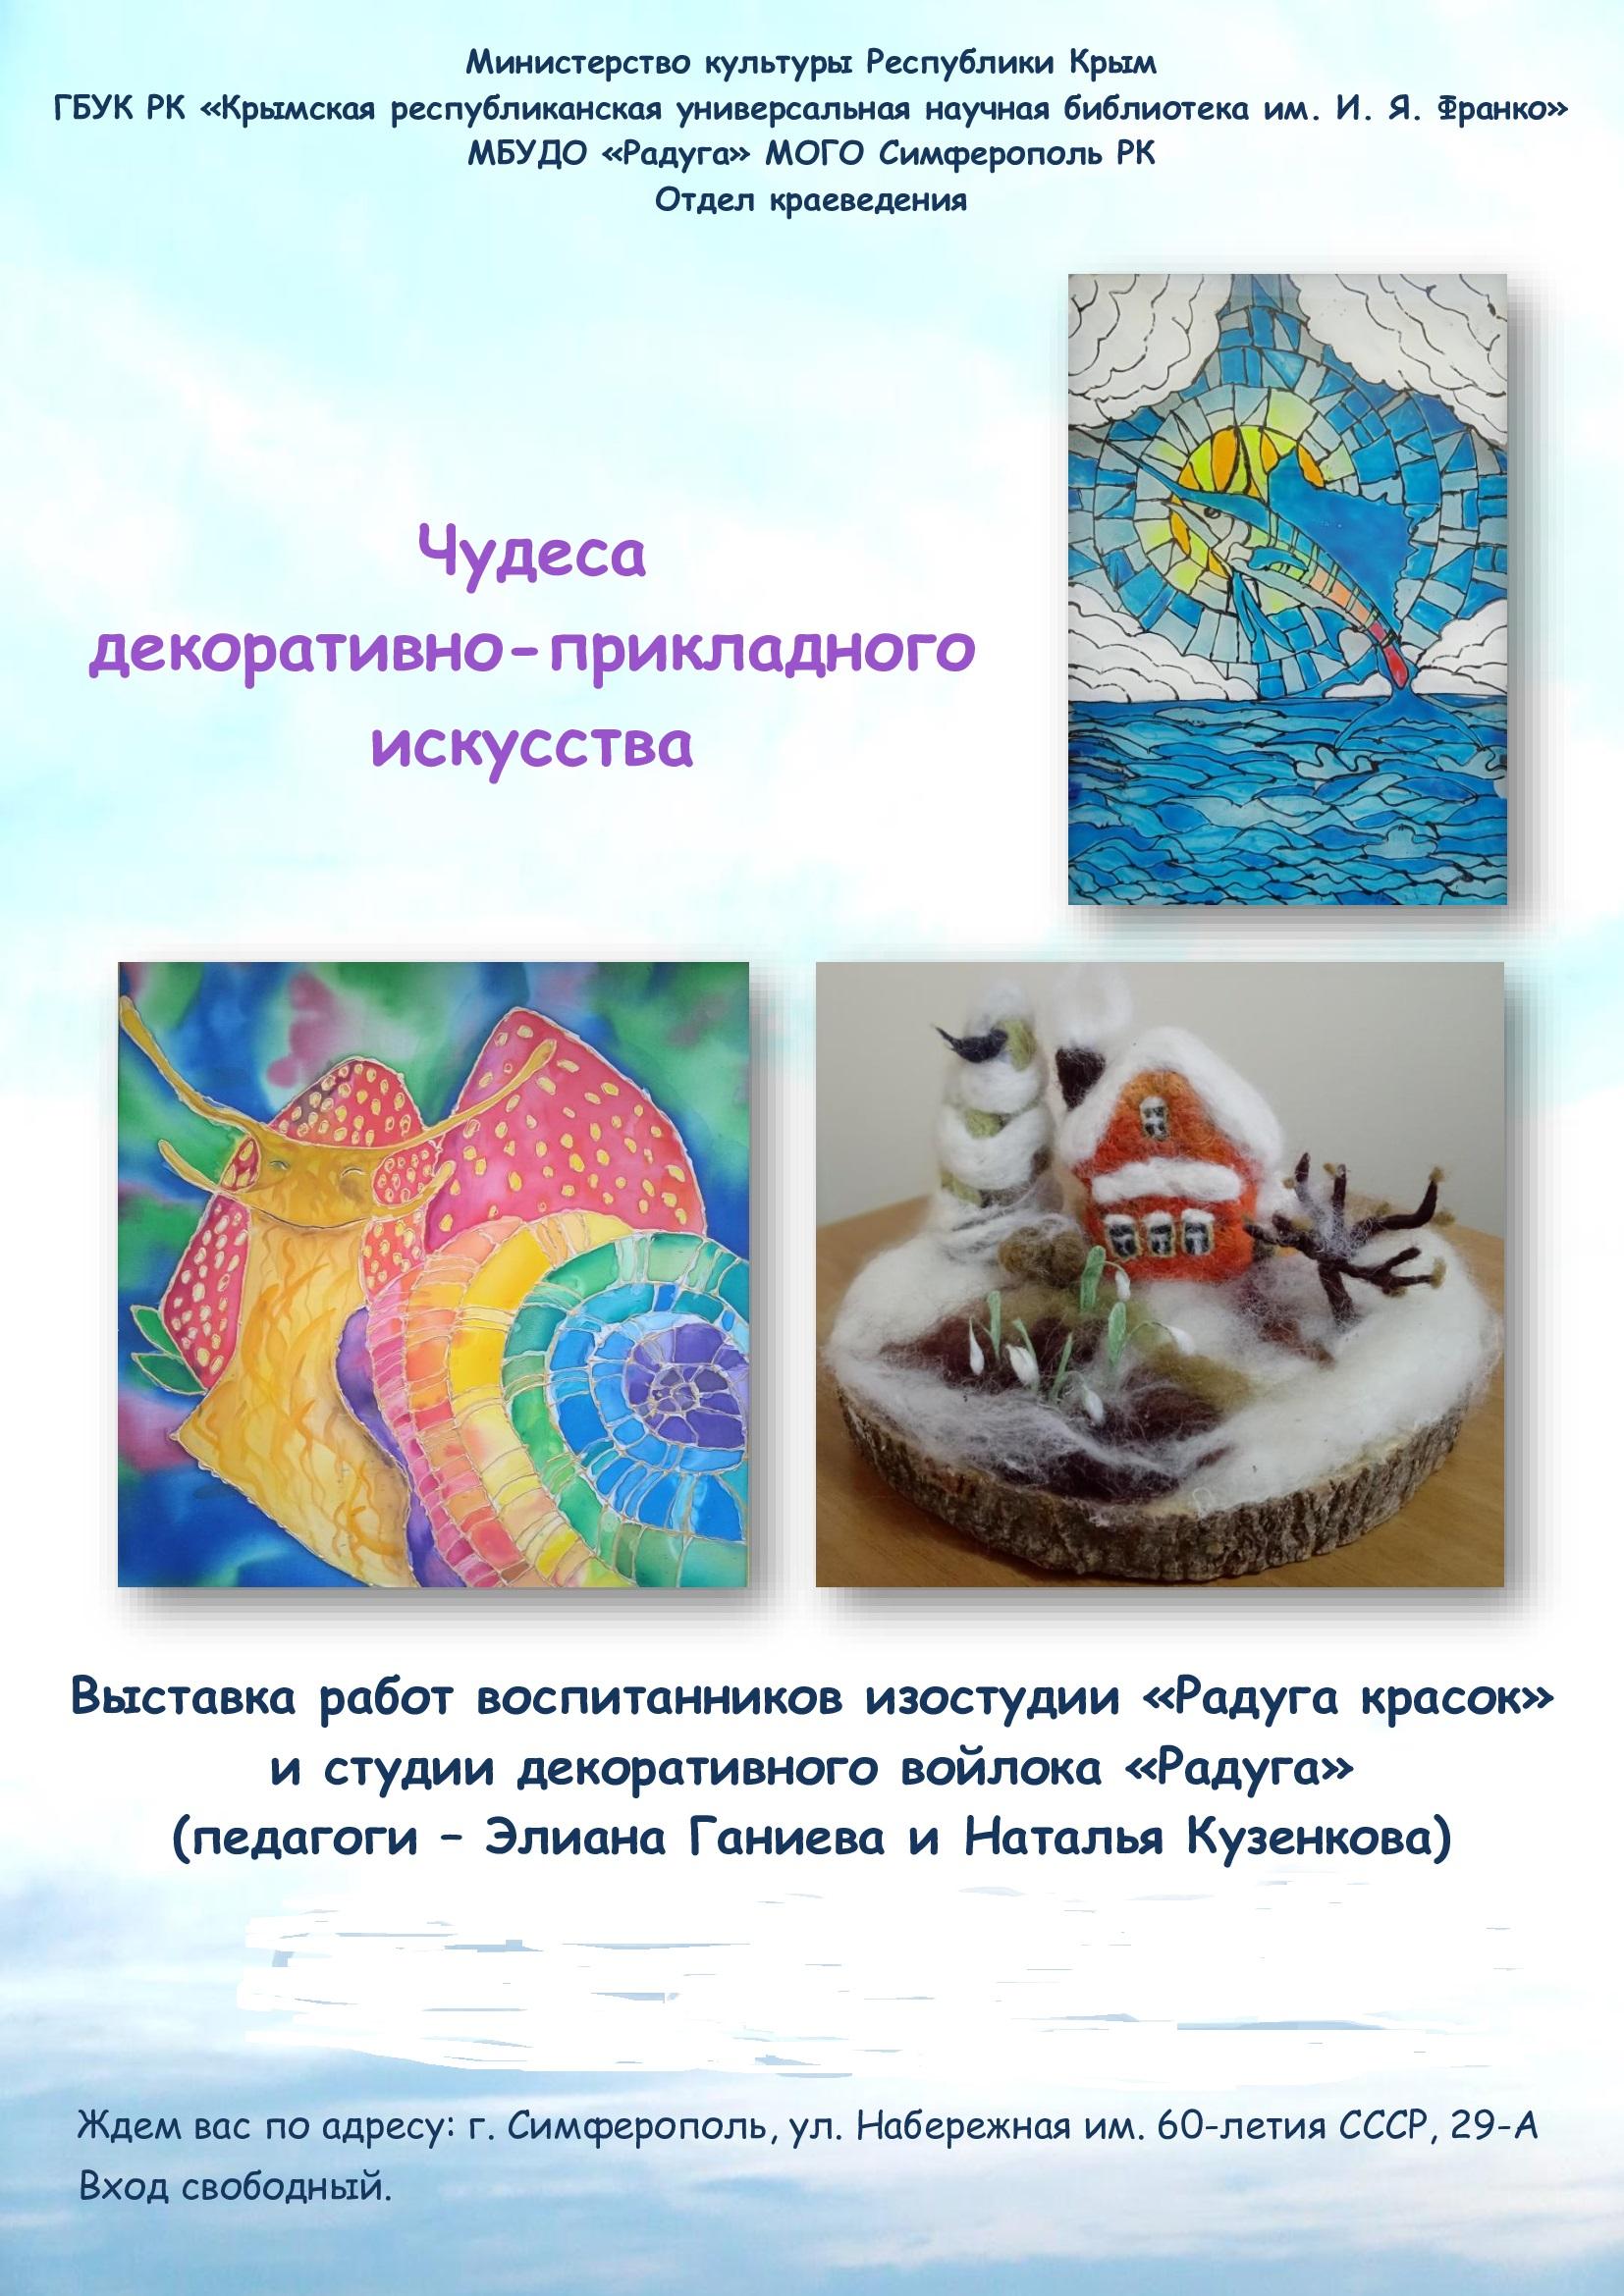 афиша-радуга